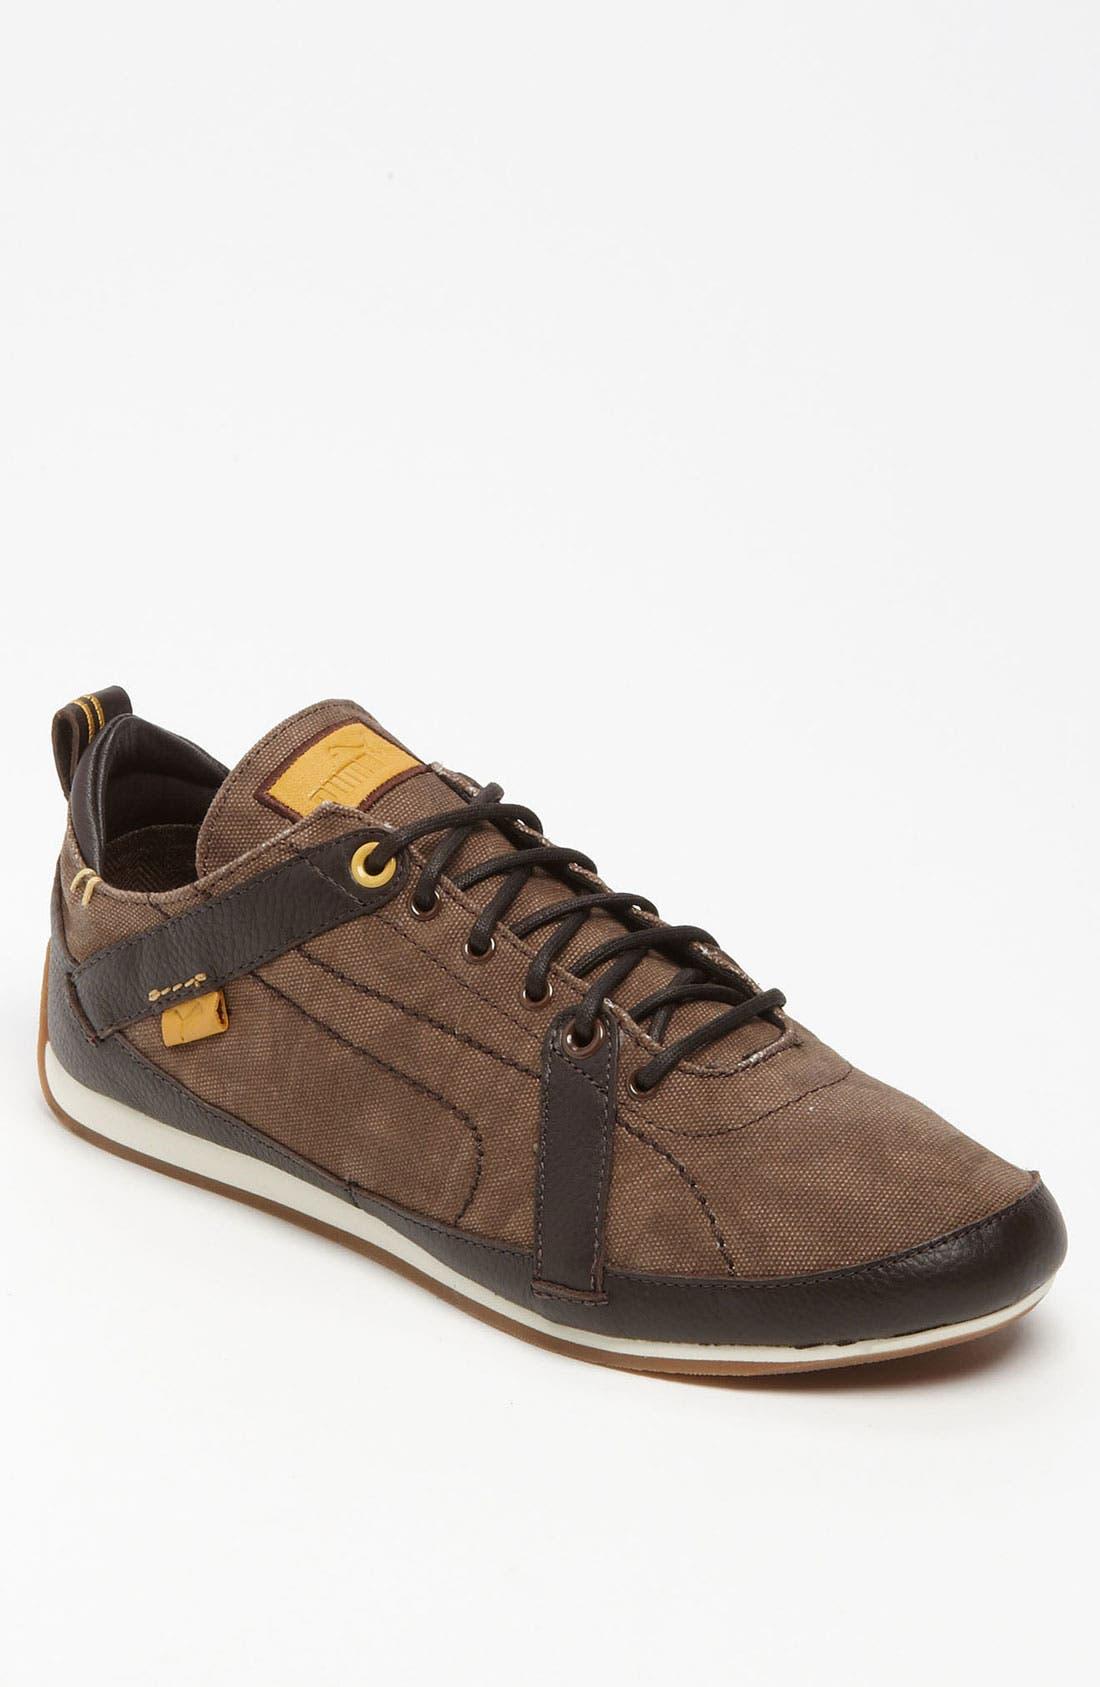 Alternate Image 1 Selected - PUMA 'Vettura Classico - Low' Sneaker (Men)